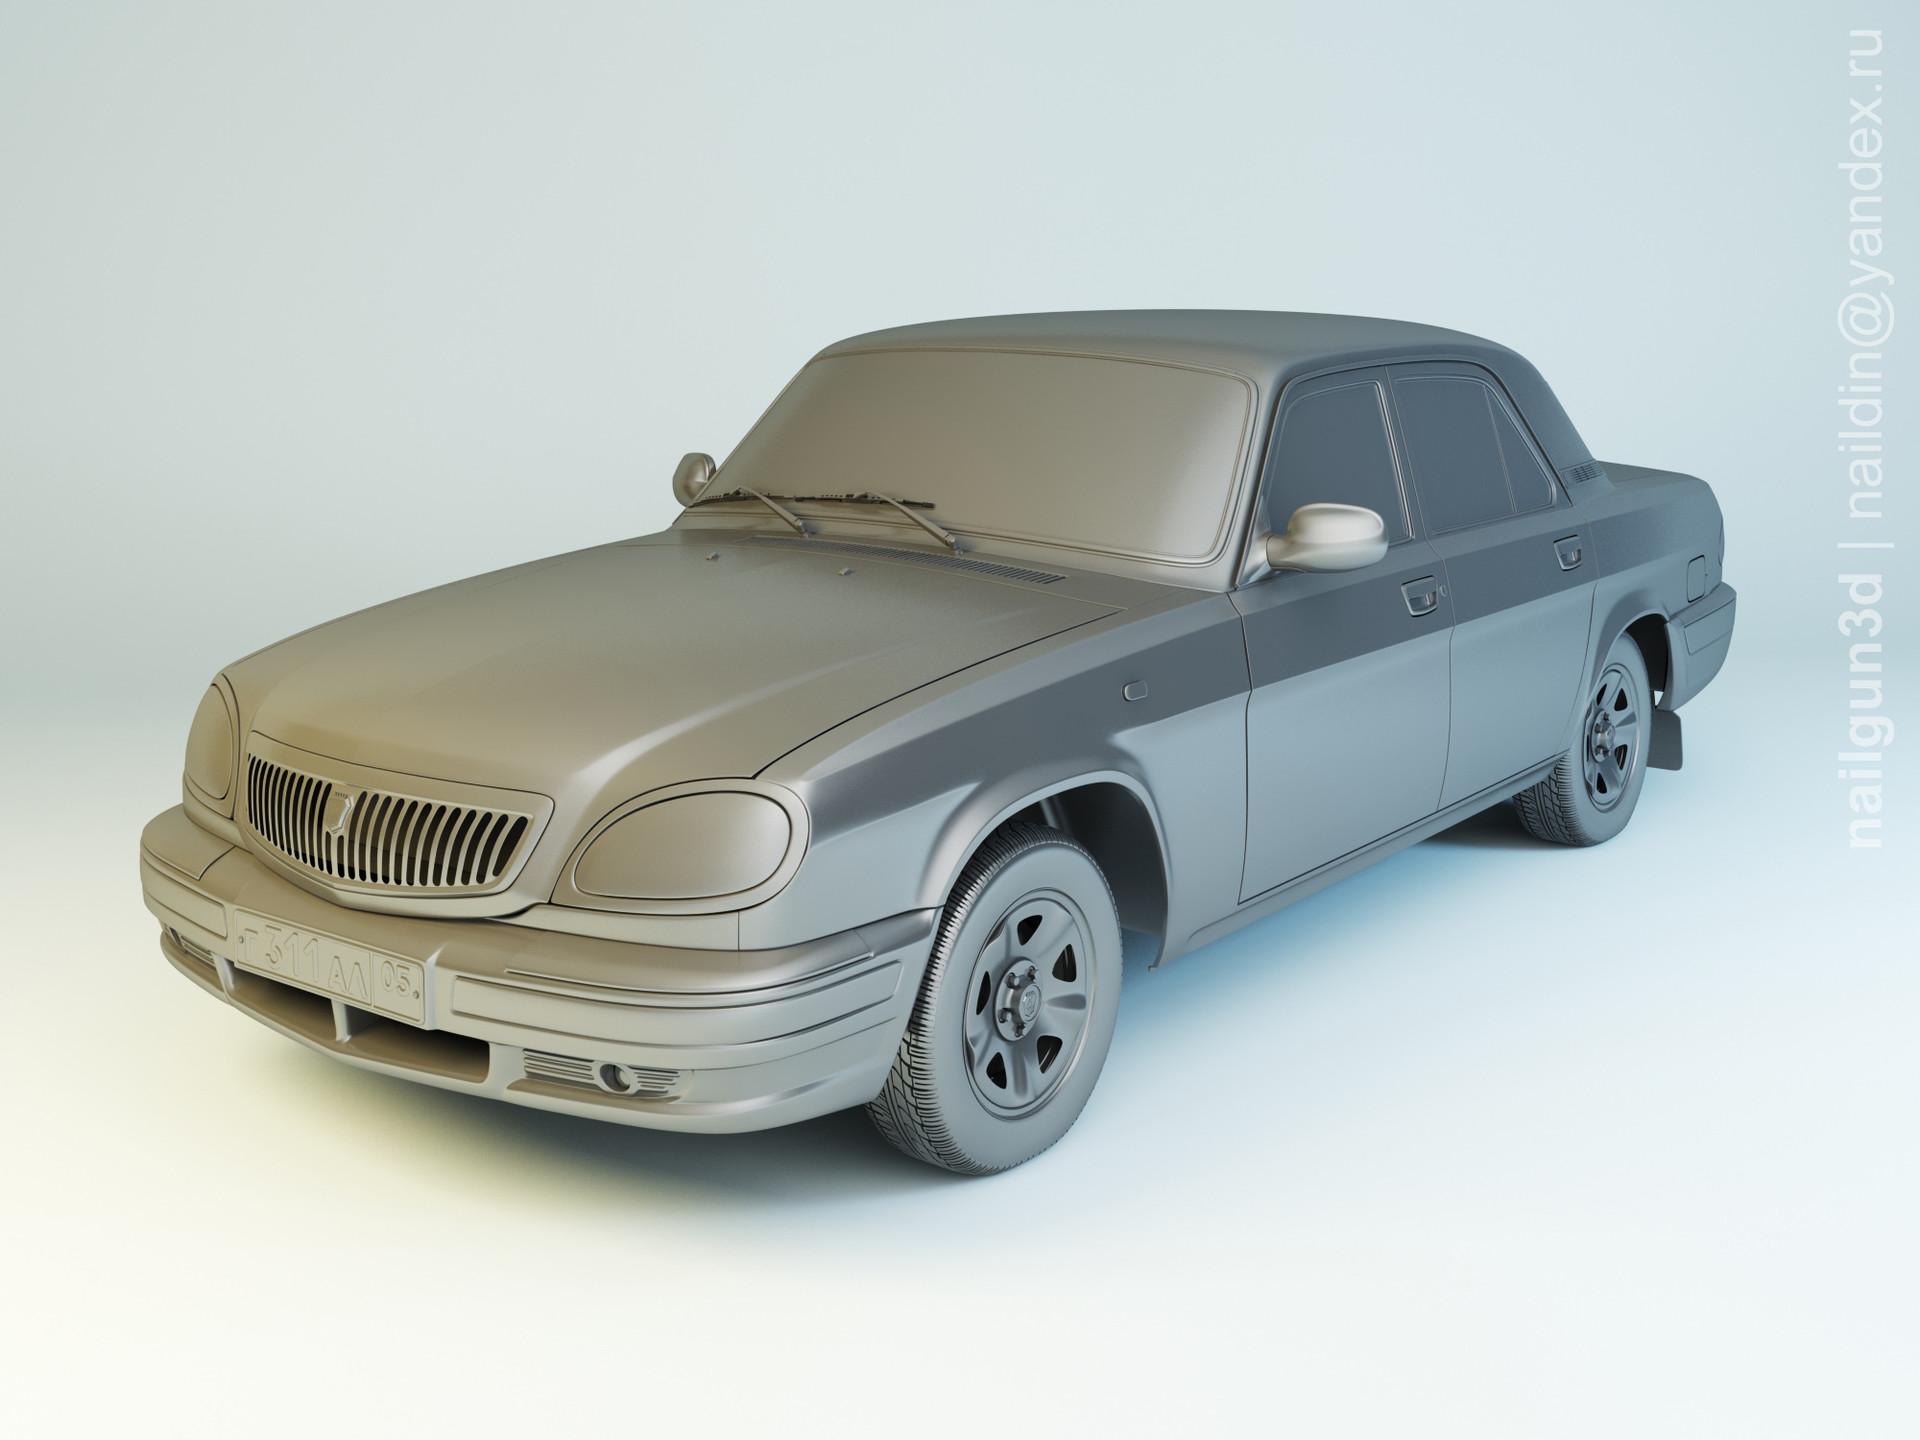 Nail khusnutdinov als 212 001 gaz 31105 modelling 0